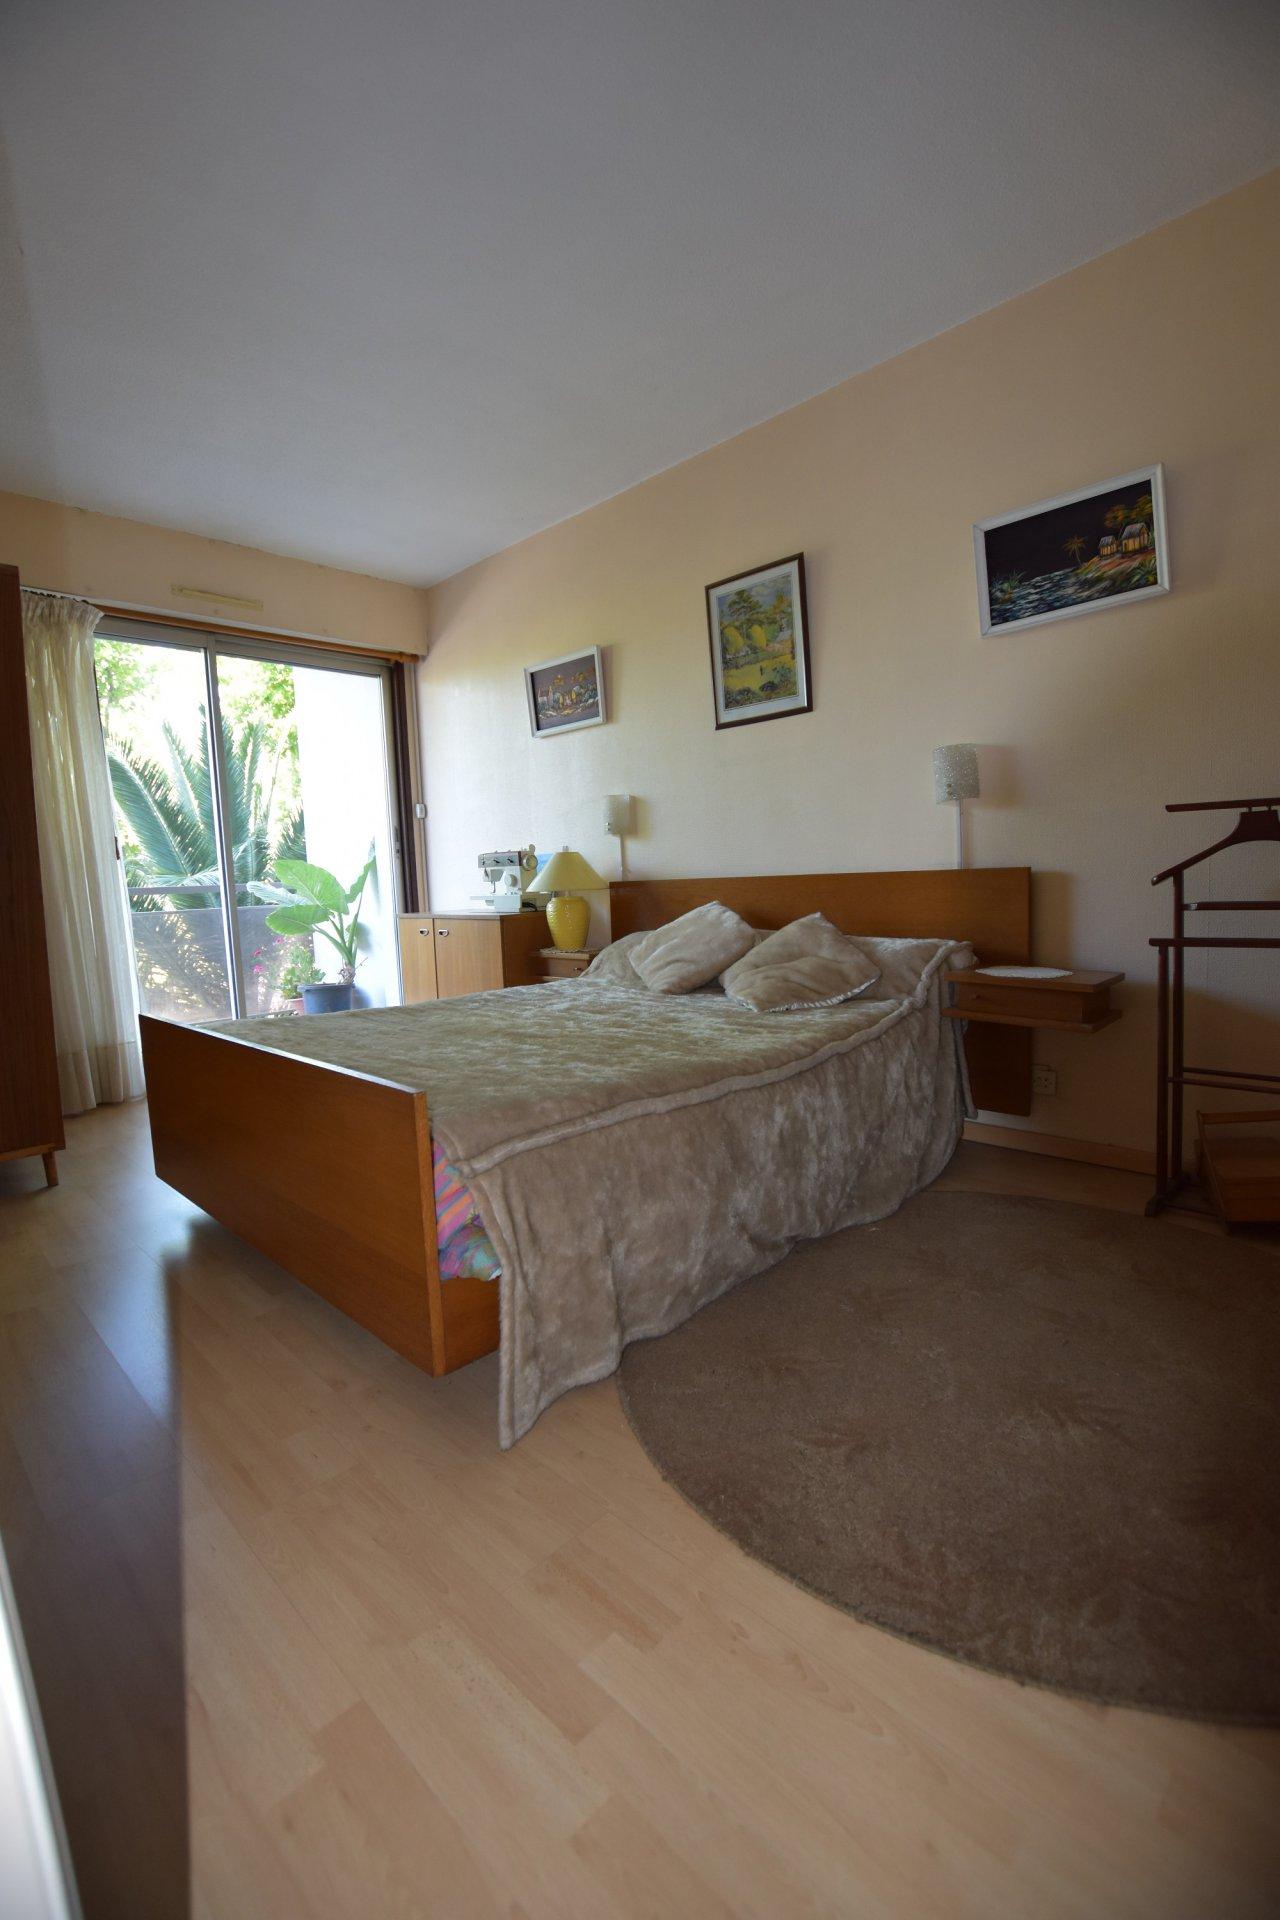 Perpignan, vente appartement T3 avec terrasse, parking